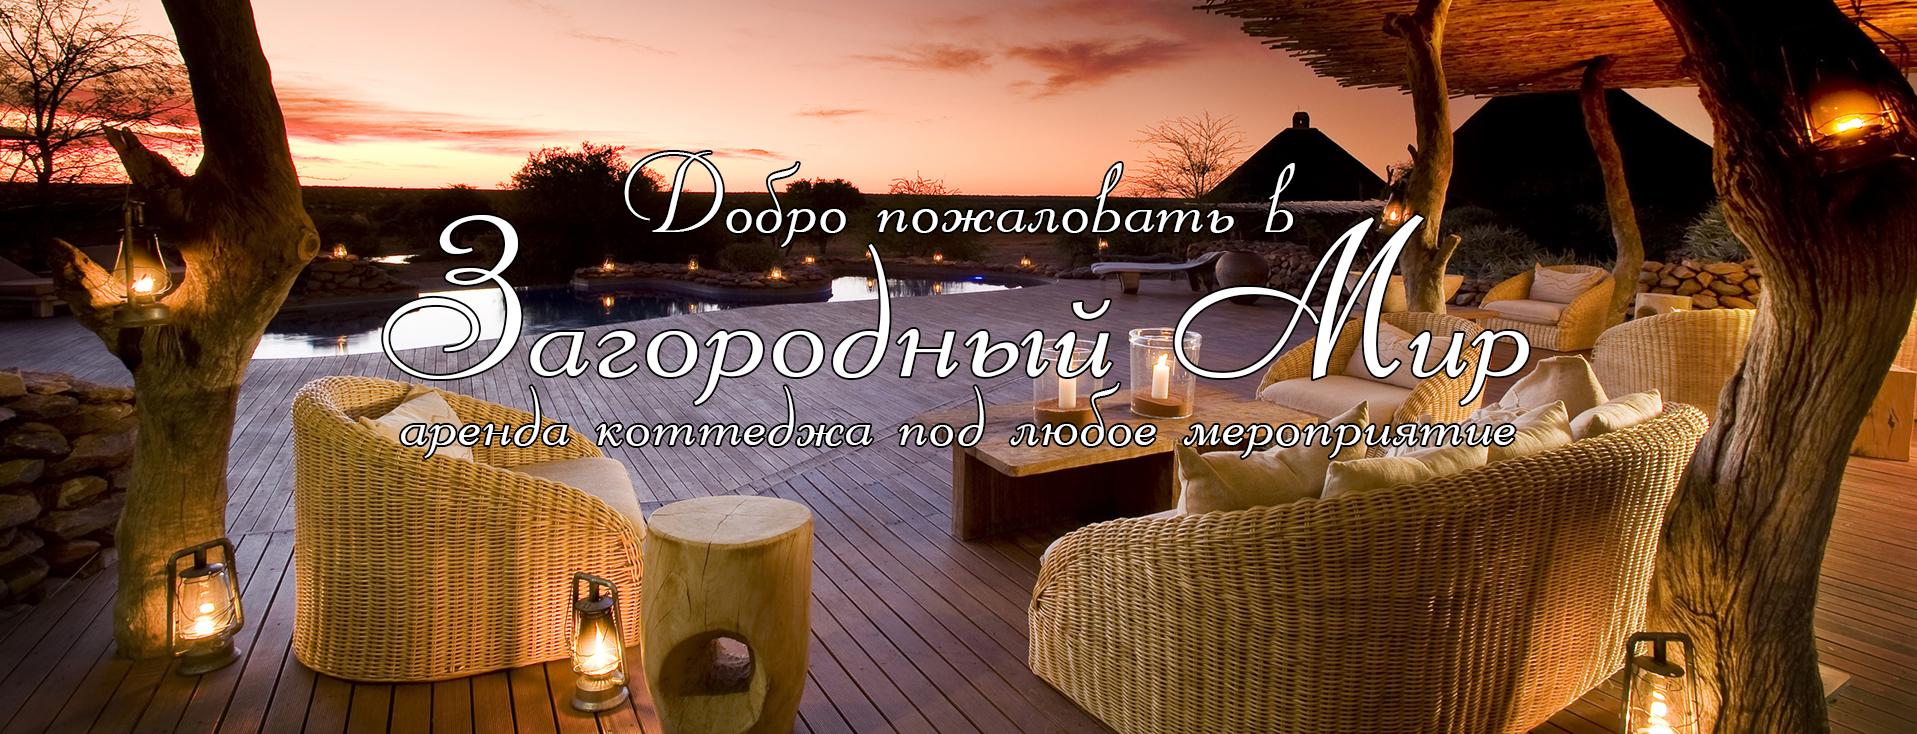 title_6073dd471e6307456033451618206023